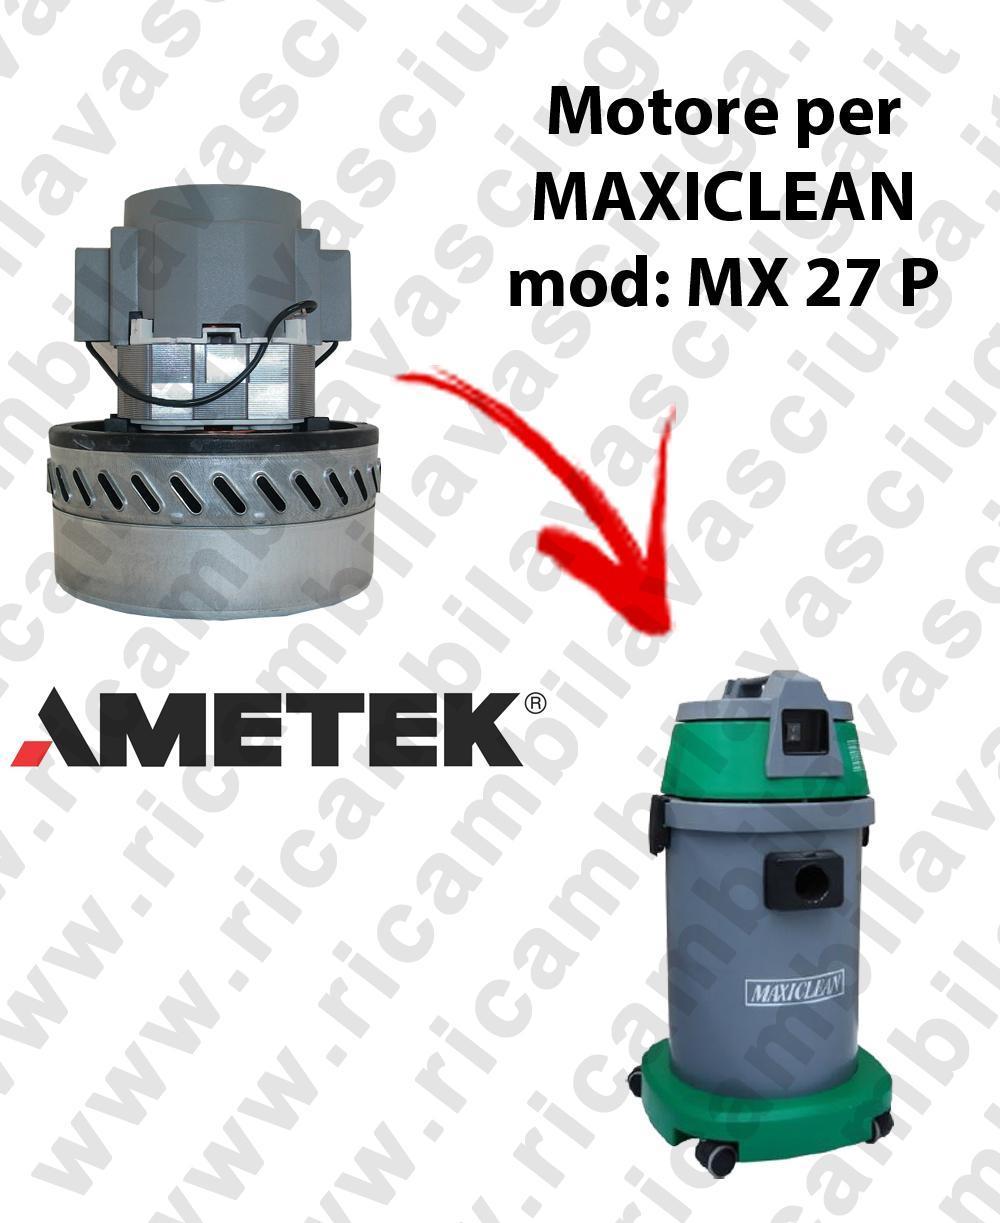 MX 27 P MOTEUR AMETEK aspiration pour aspirateur et aspirateur à eau MAXICLEAN